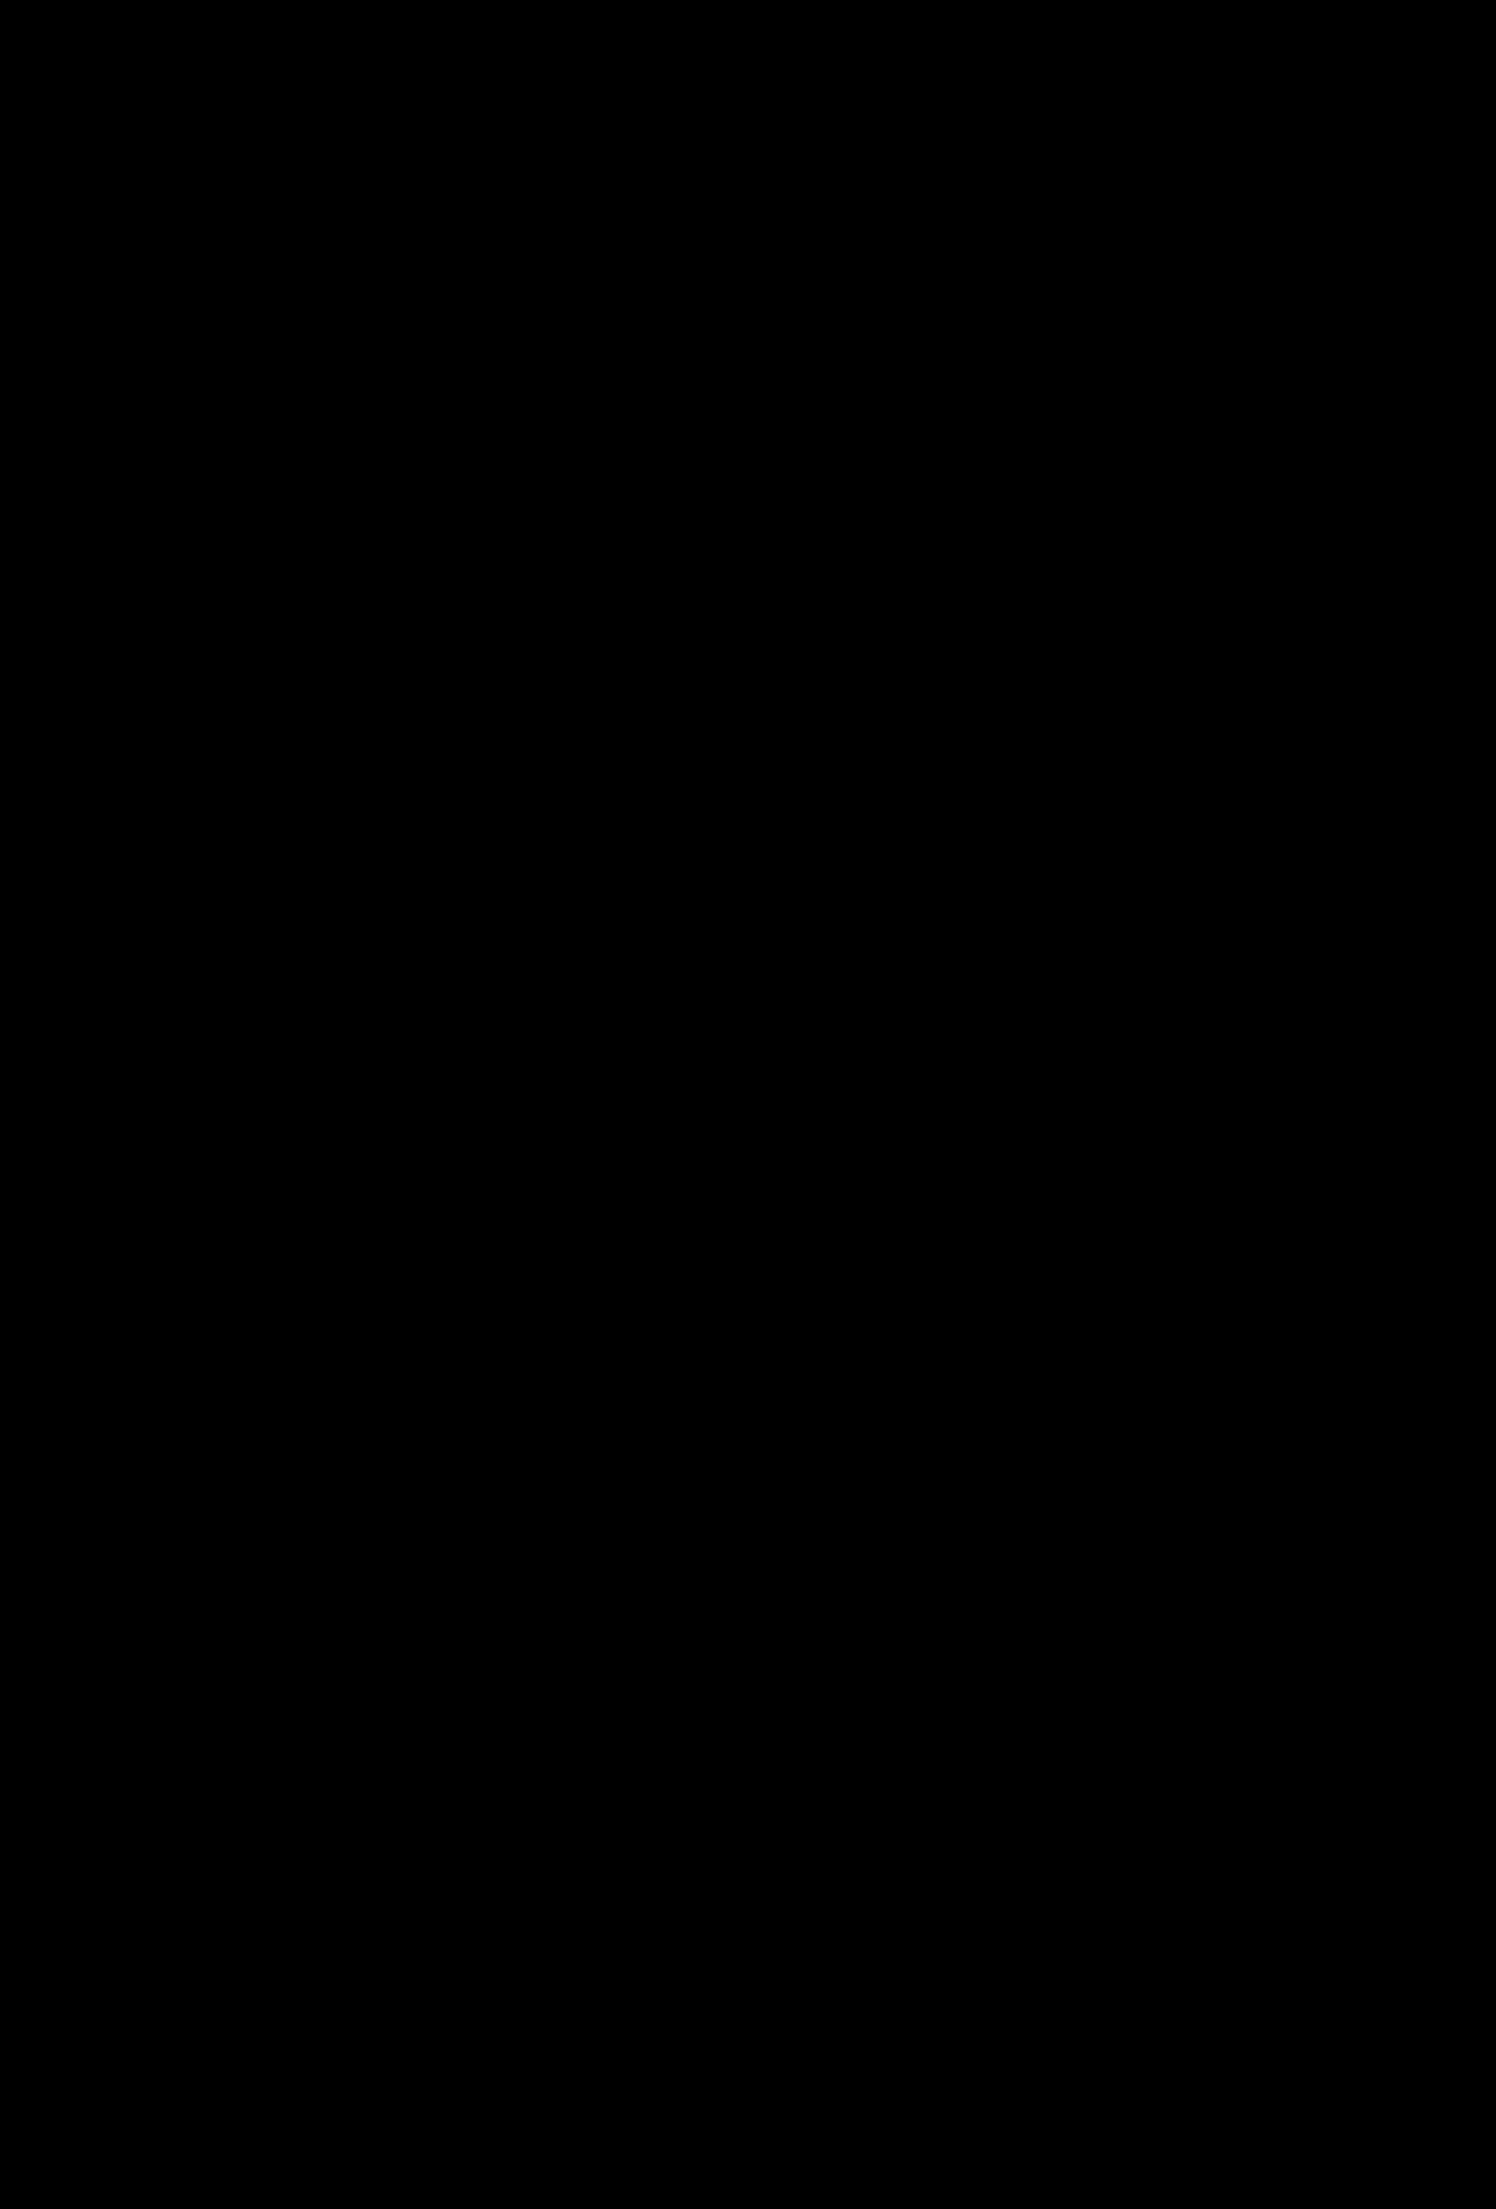 Camera Silhouette Clip art.